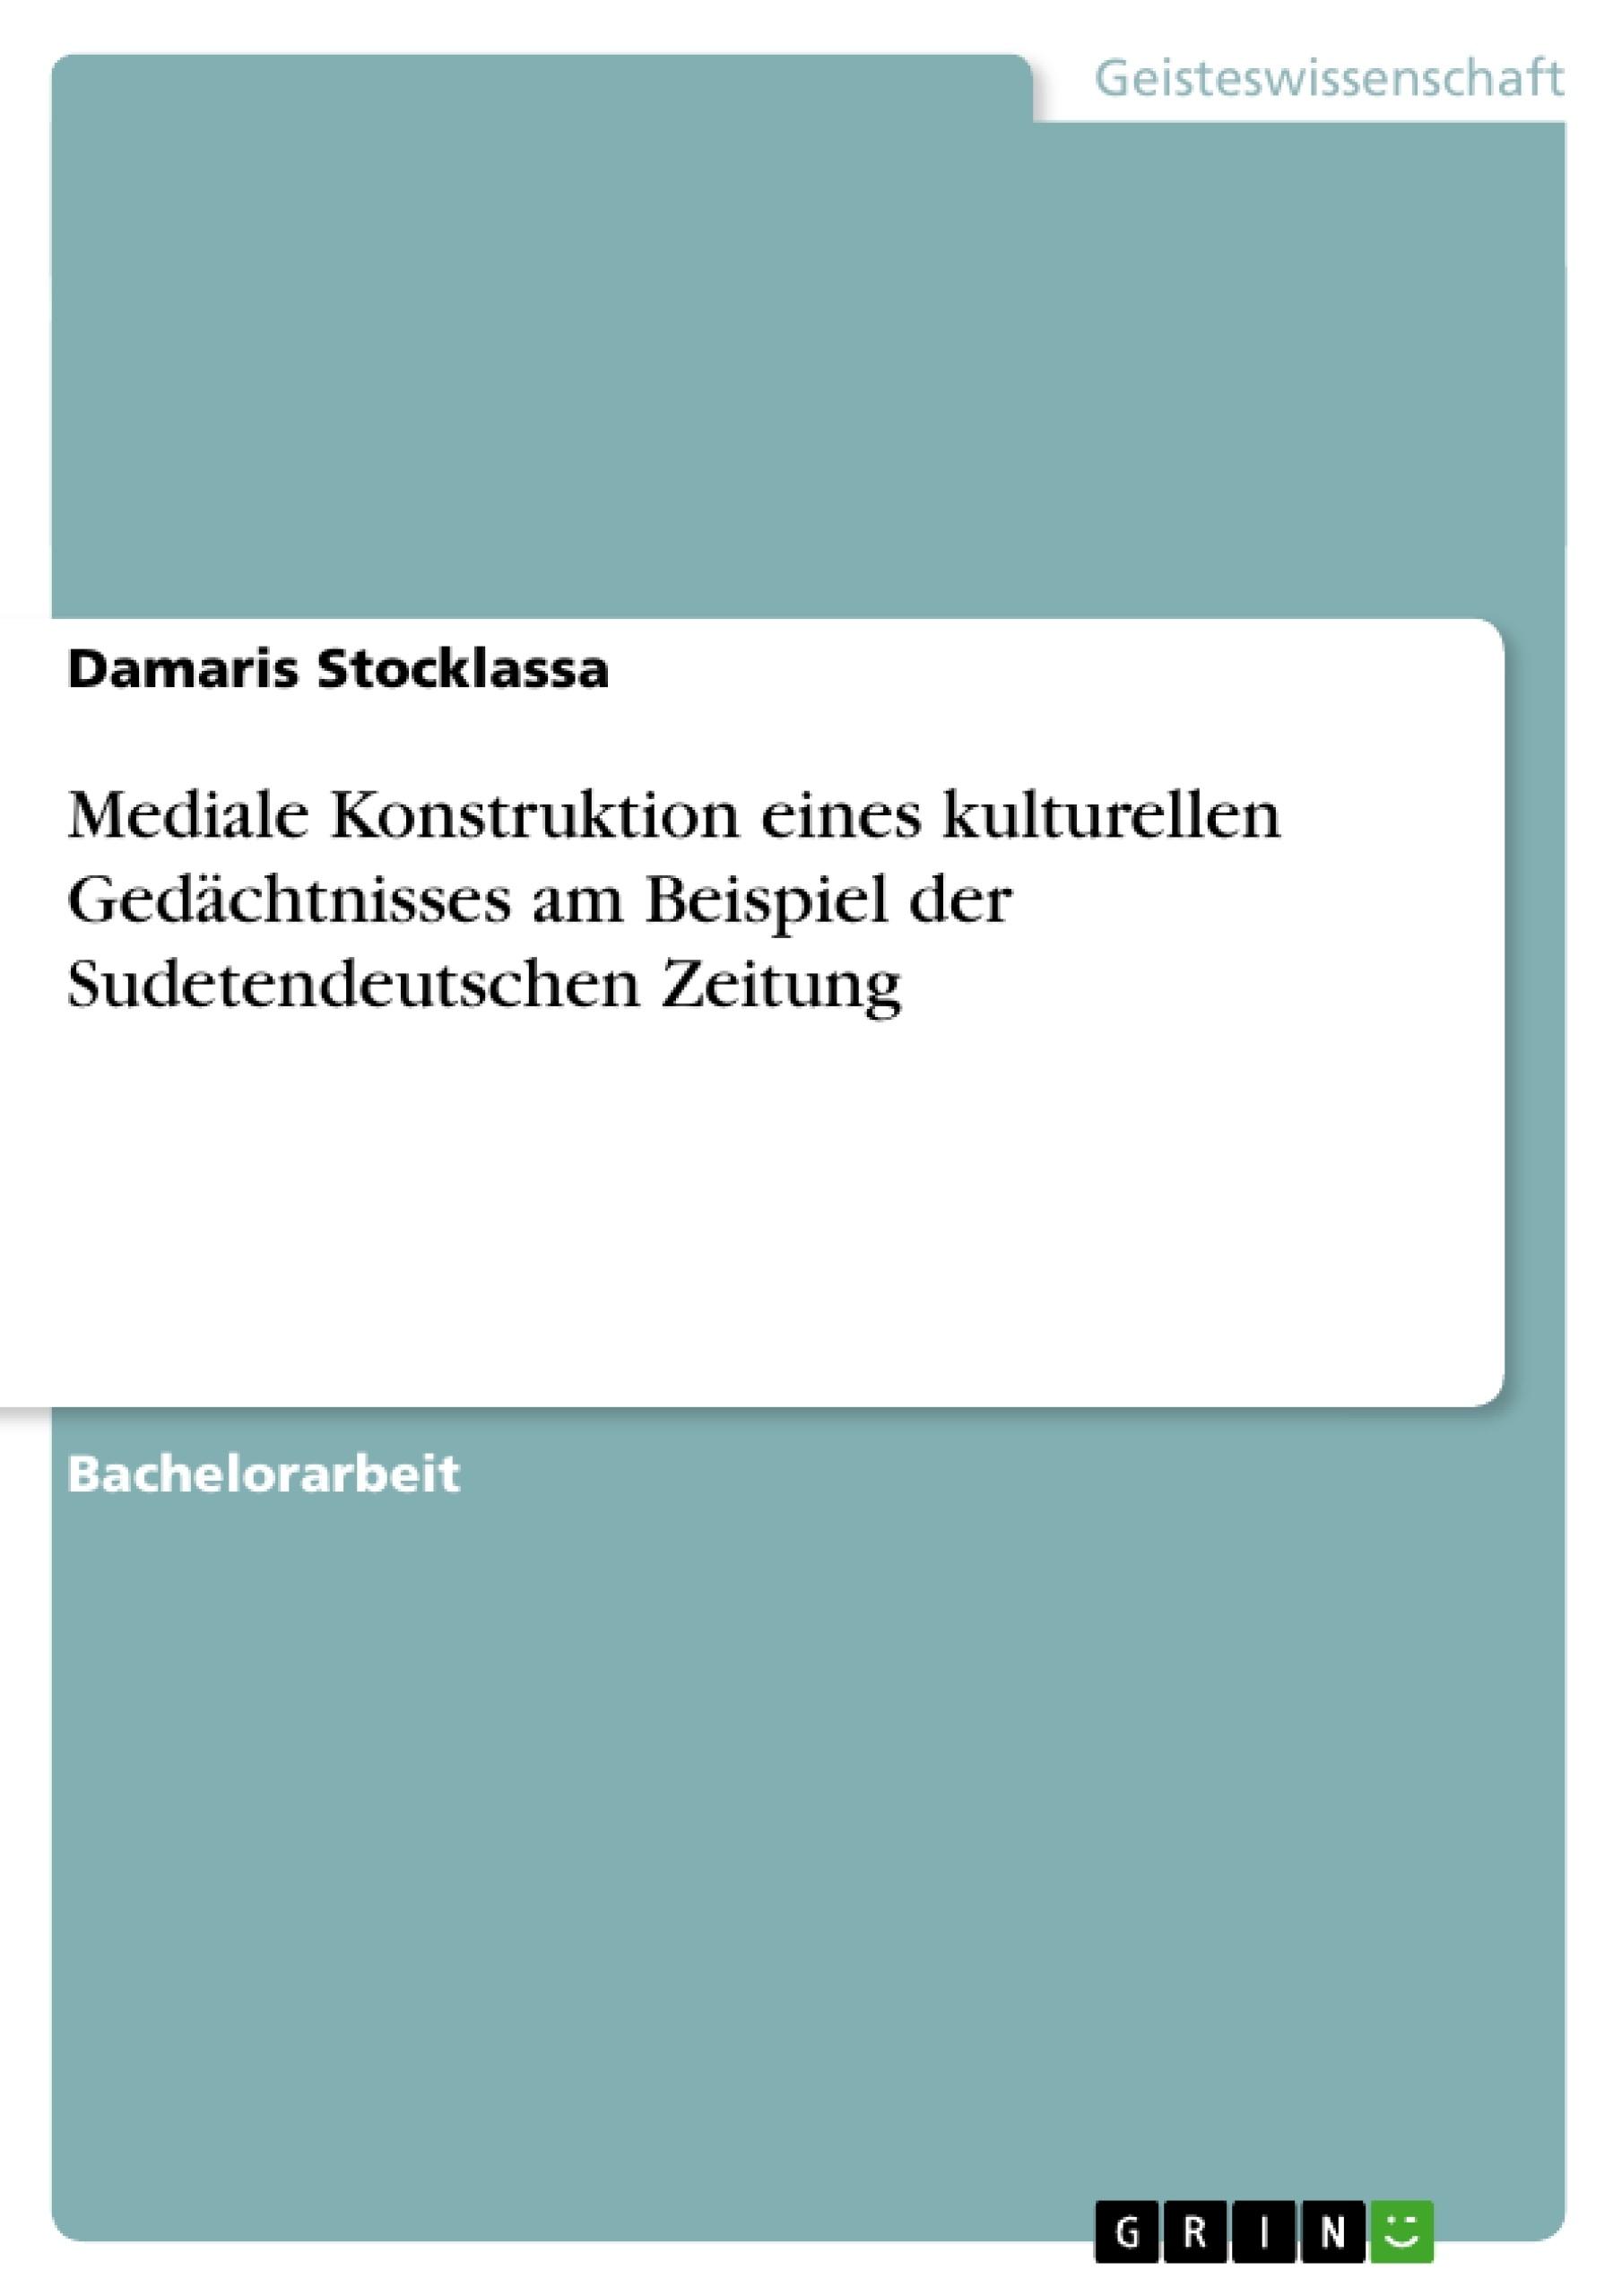 Titel: Mediale Konstruktion eines kulturellen Gedächtnisses am Beispiel der Sudetendeutschen Zeitung